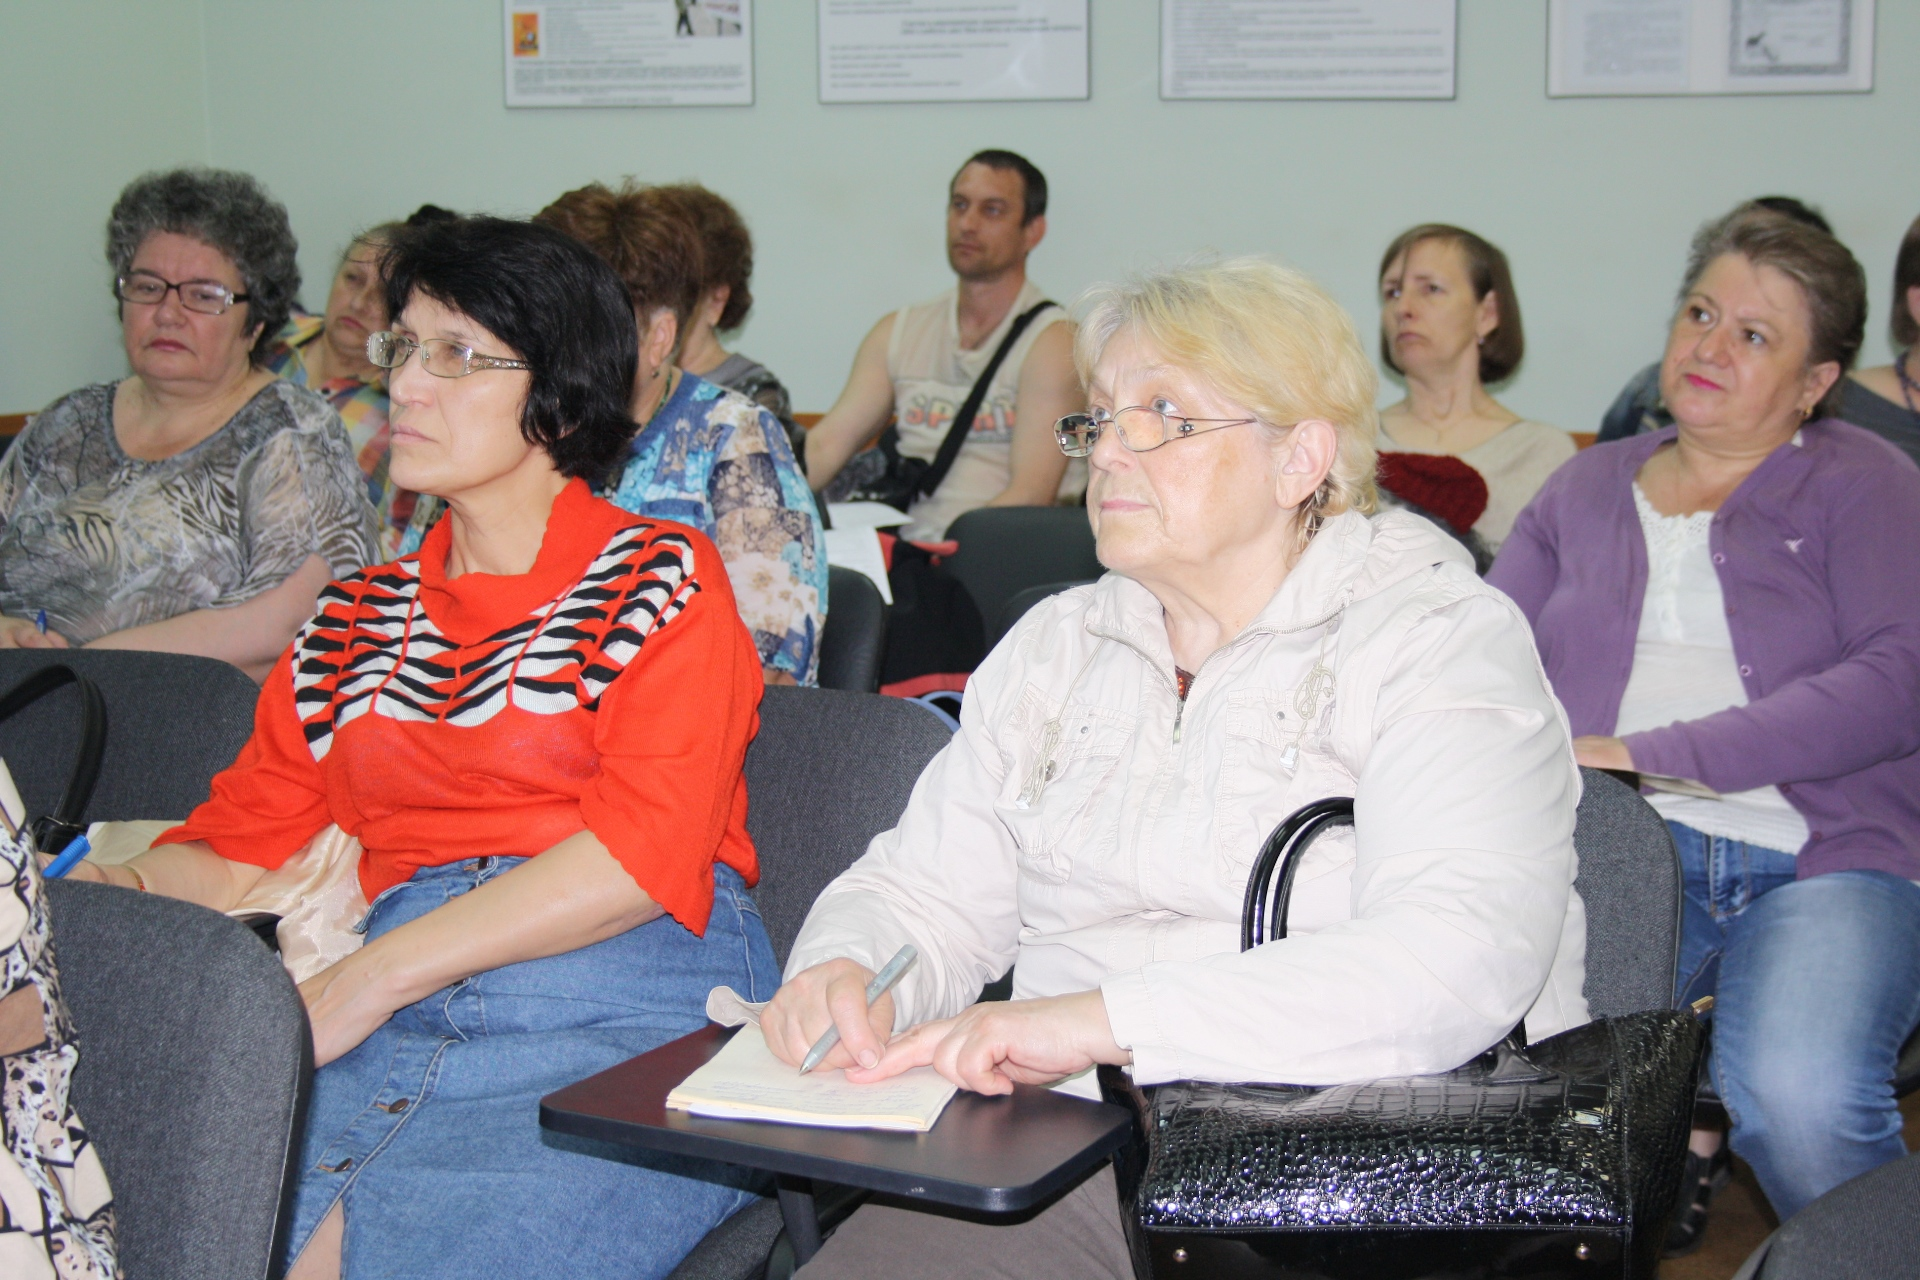 Курс лекций повышения финансово-юридической грамотности для пенсионеров и людей с ограниченными возможностями здоровья